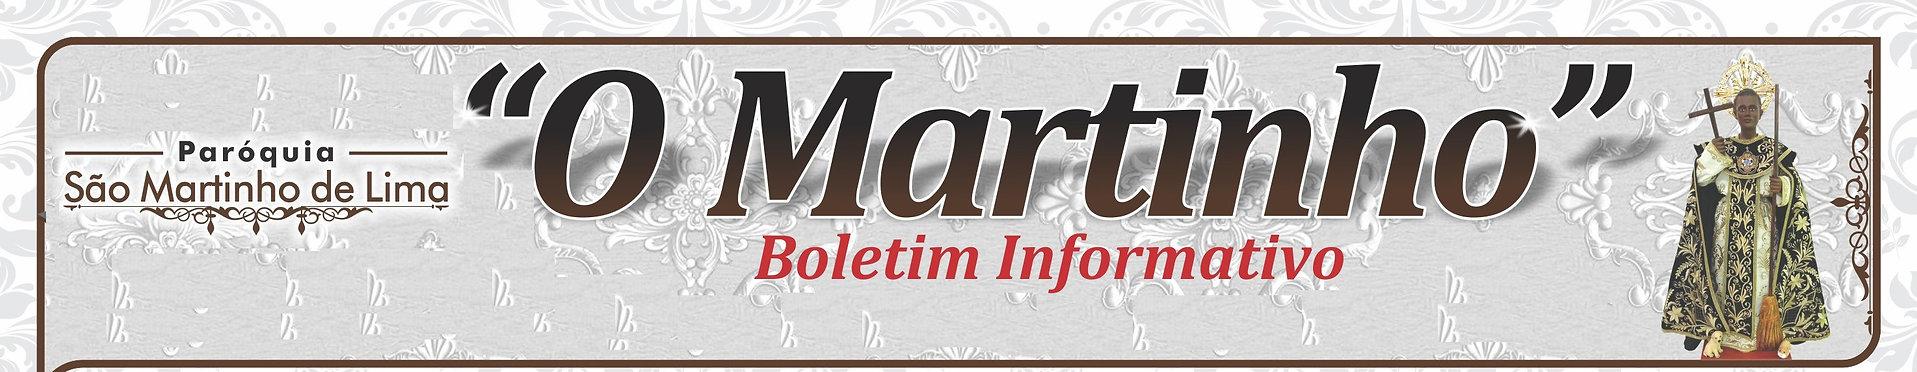 Logo Informativo 1.jpg